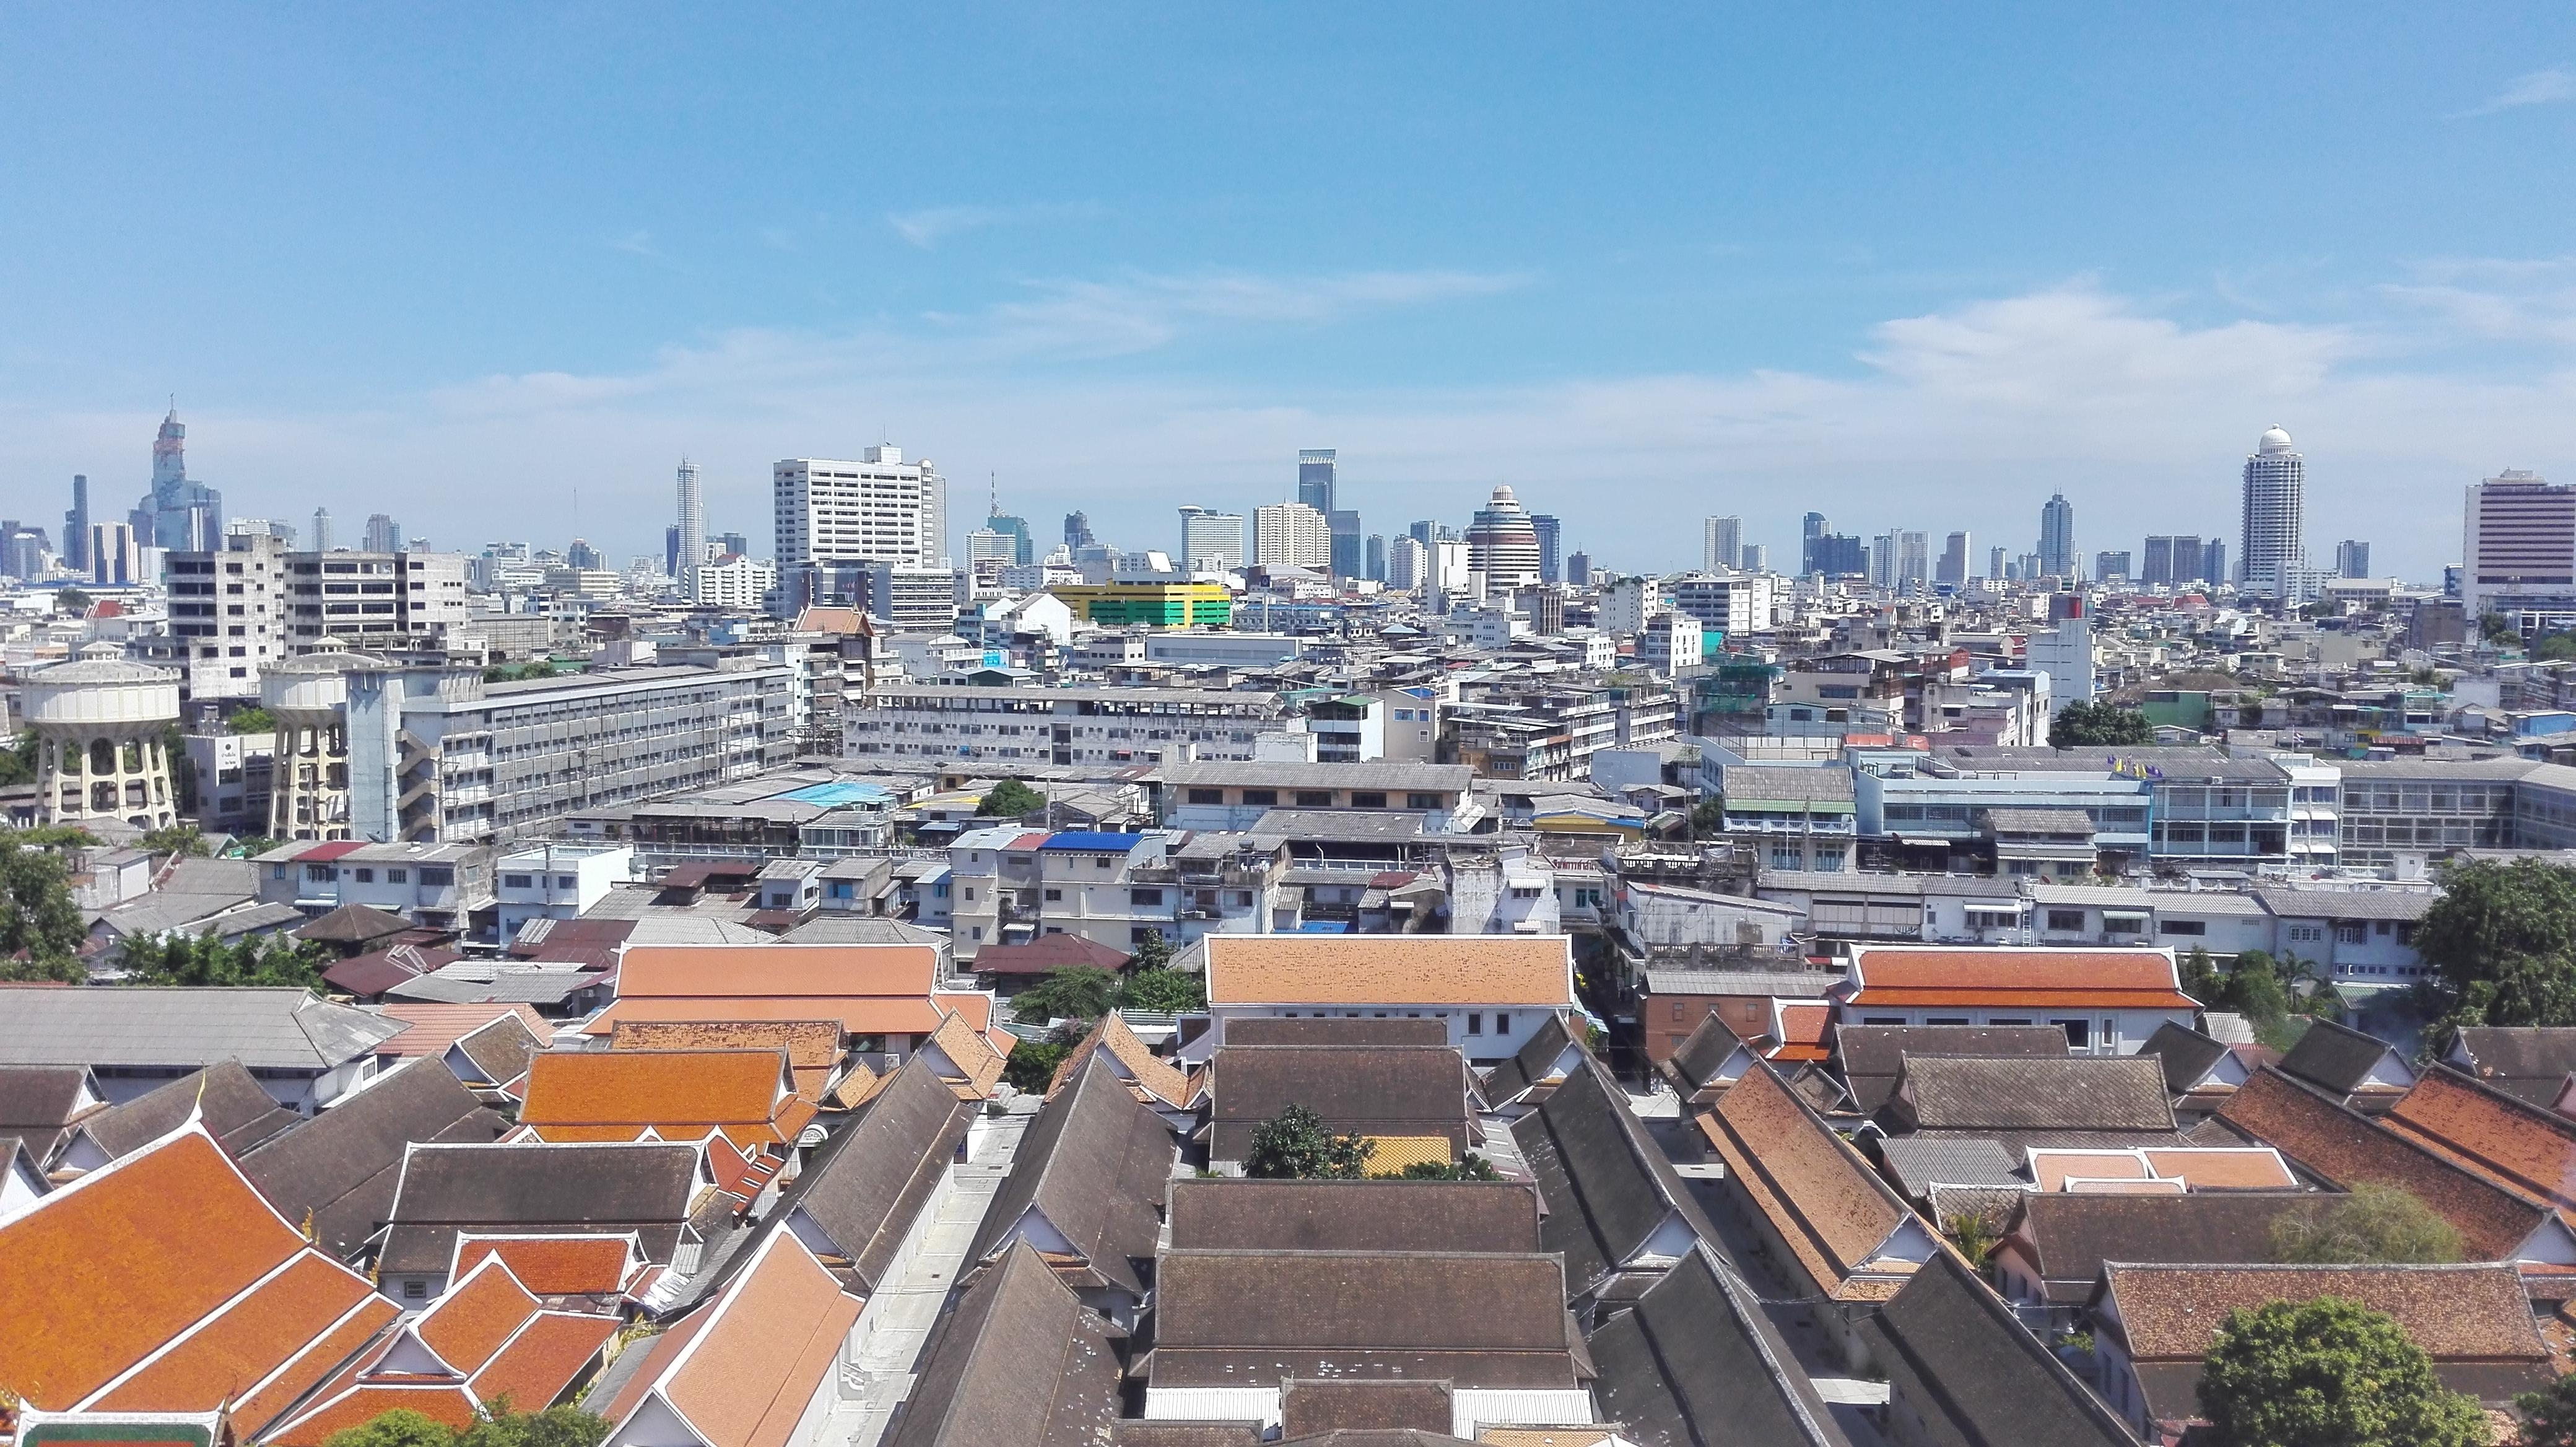 Bangkok - Mirador Montaña Dorada